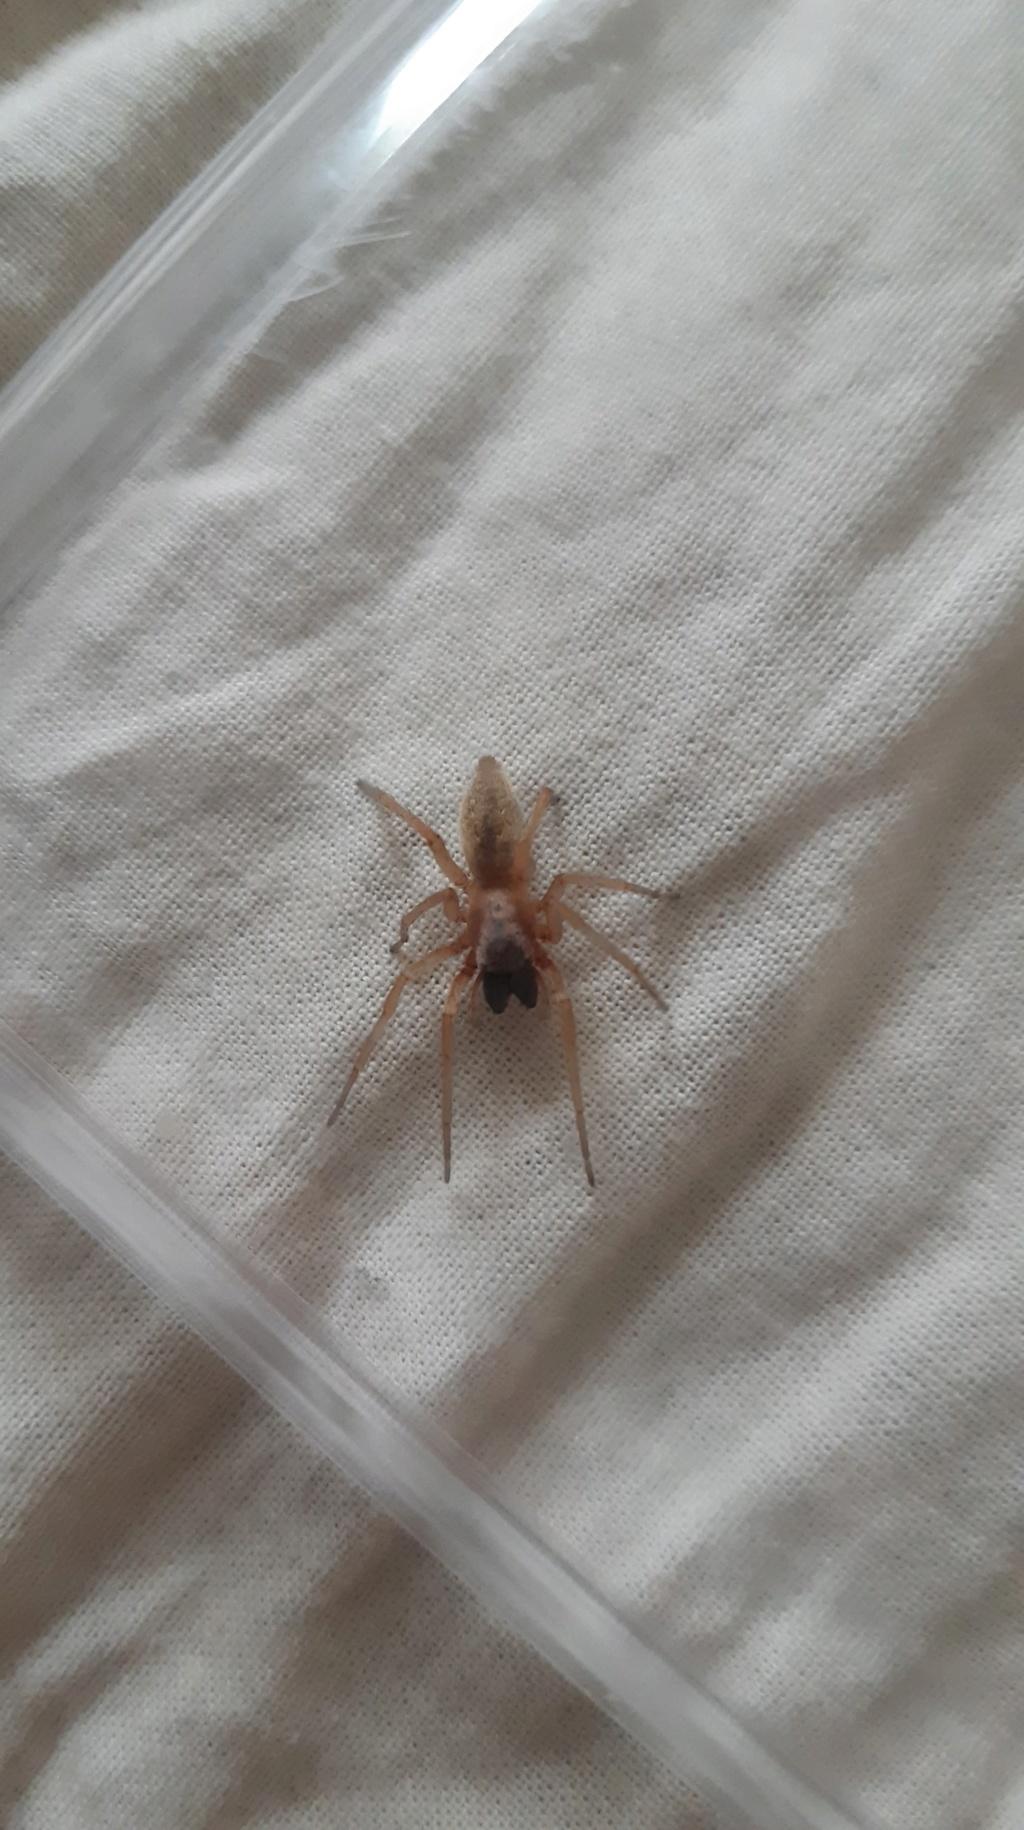 Identification d'une araignée 67512910